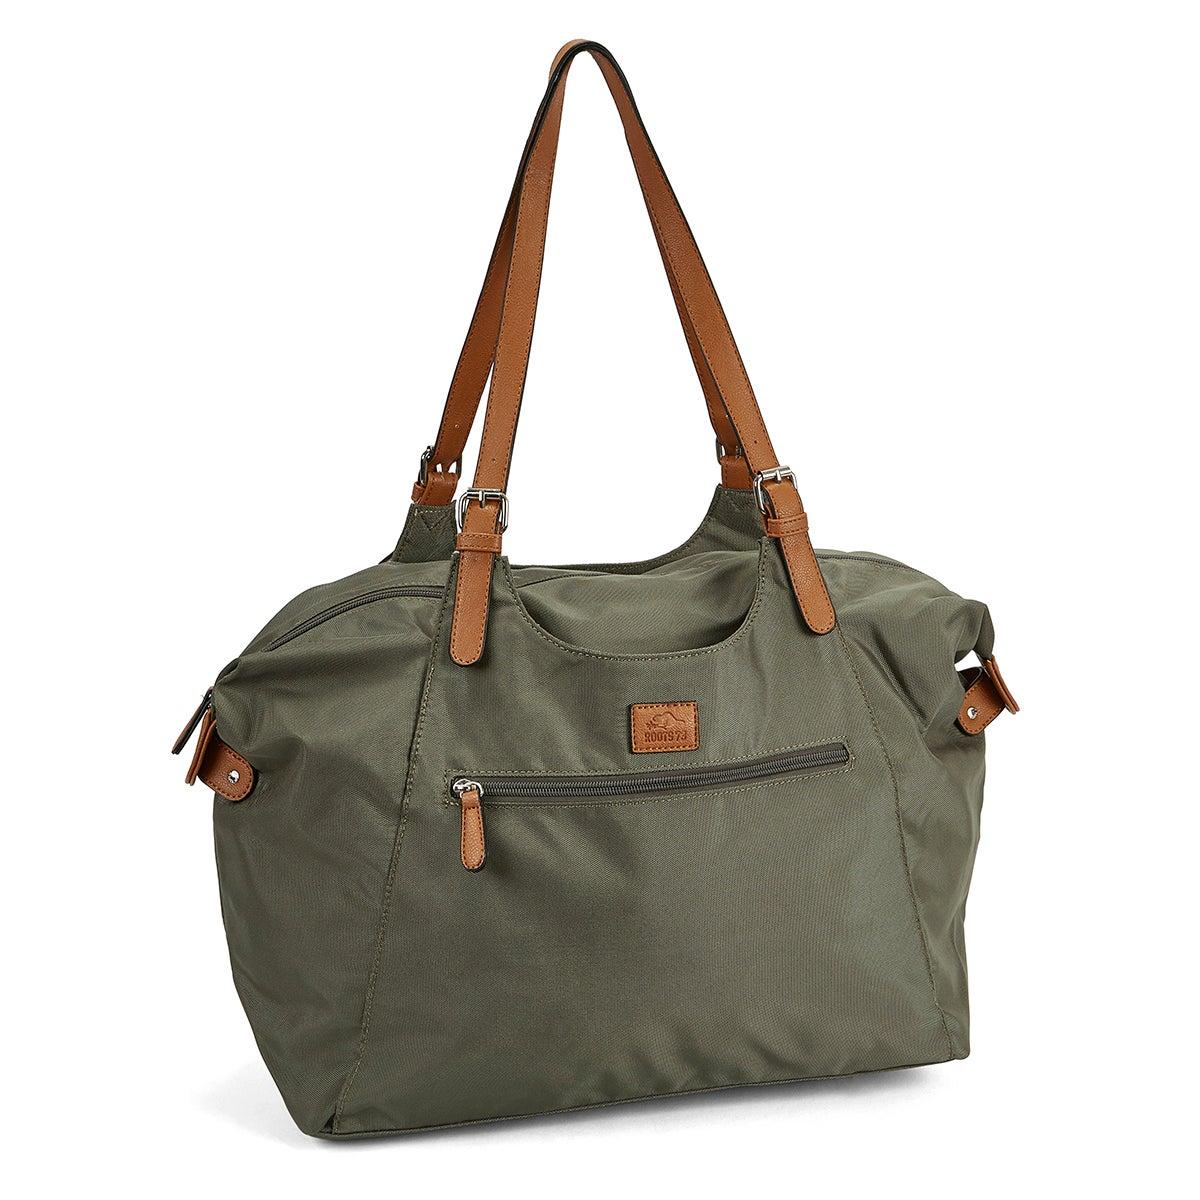 Lds Roots73 khaki nylon large tote bag